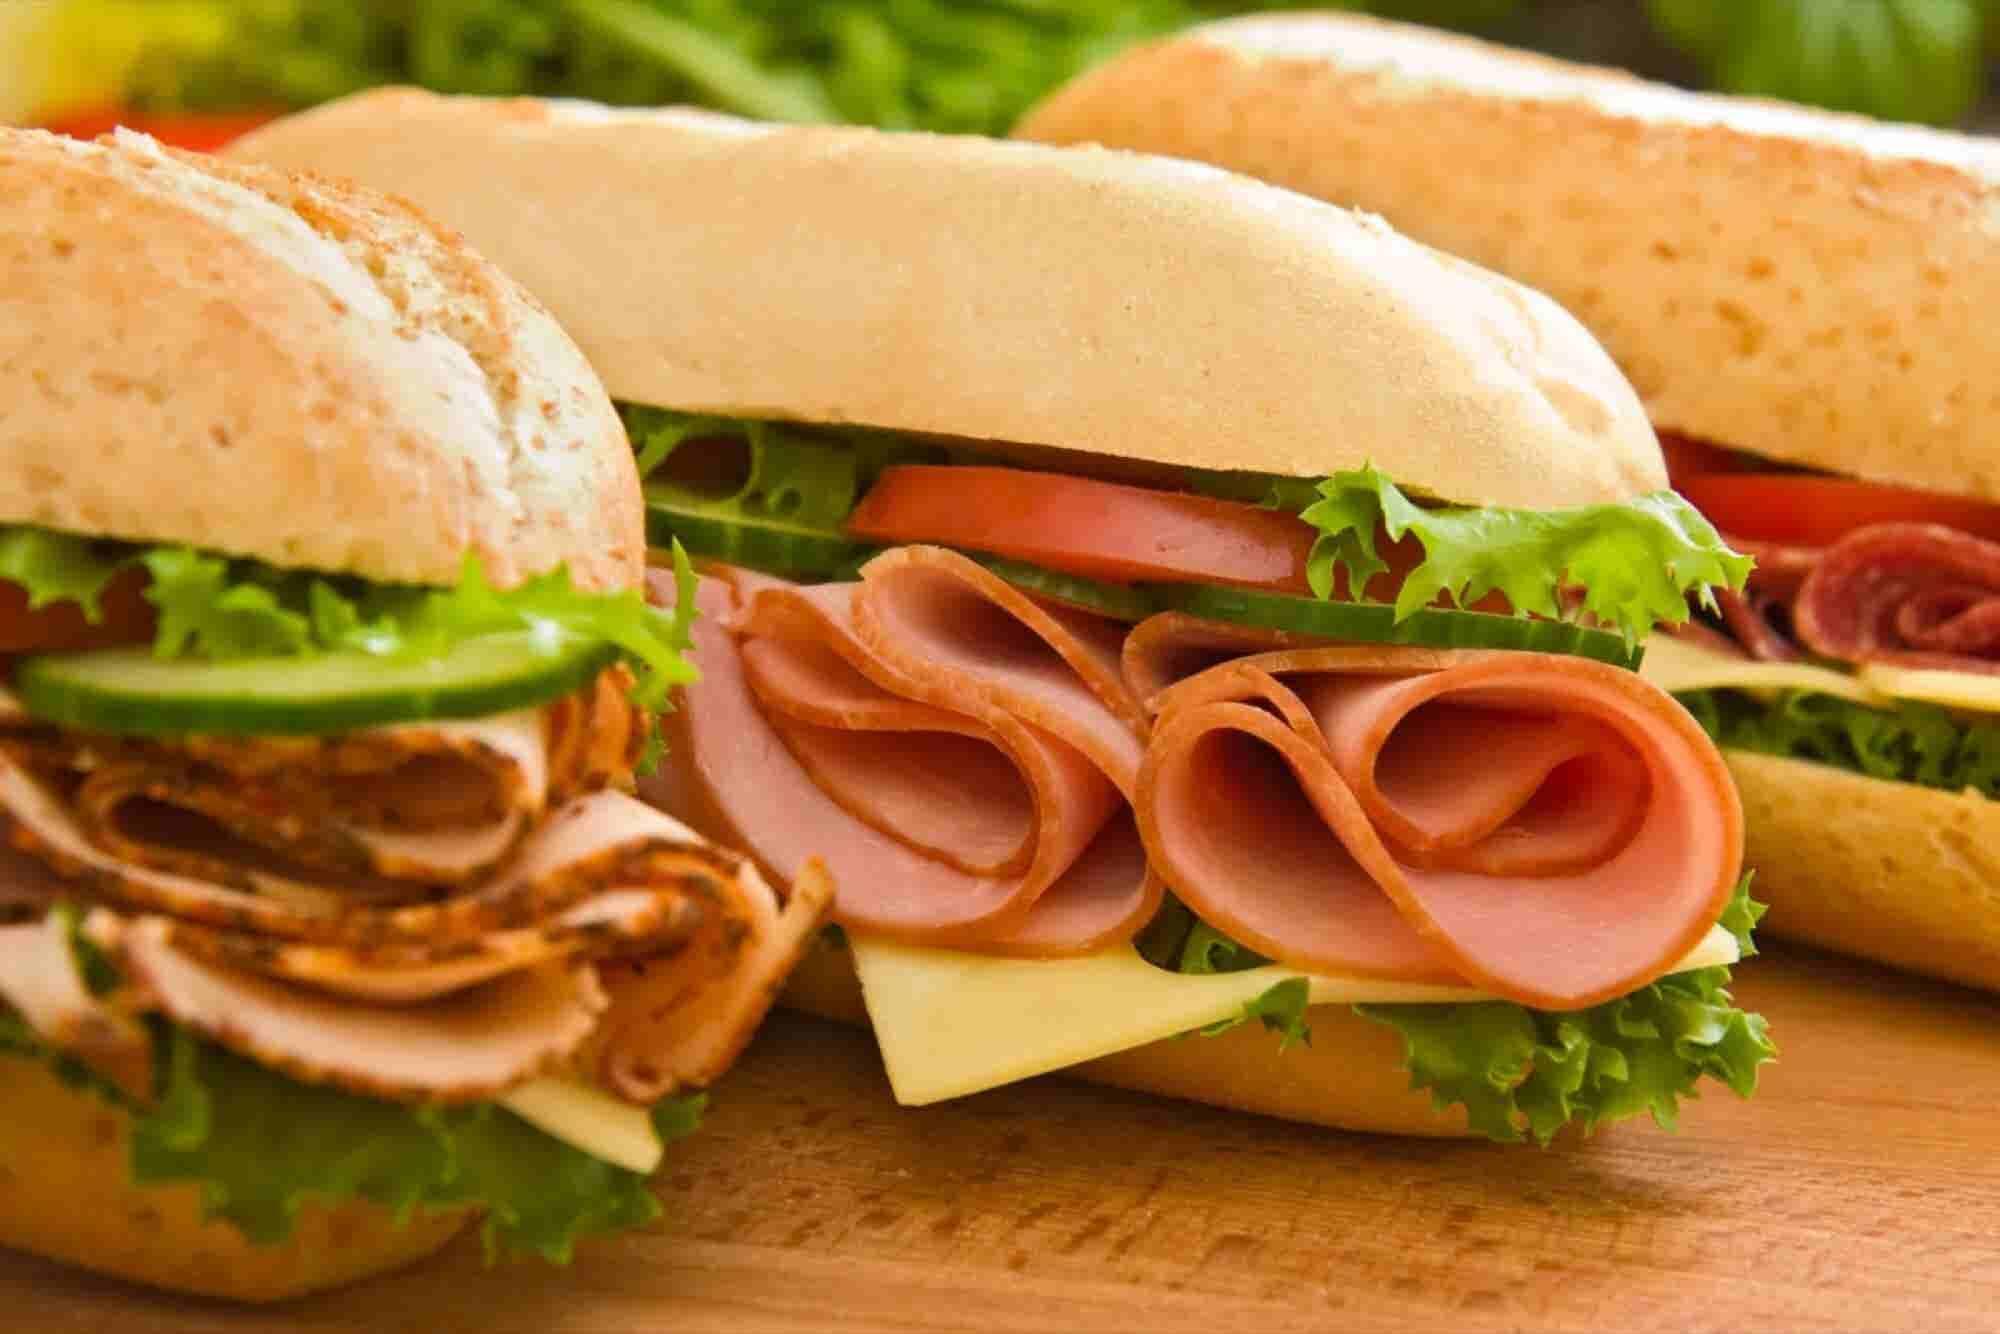 The Top 10 Sandwich Franchises